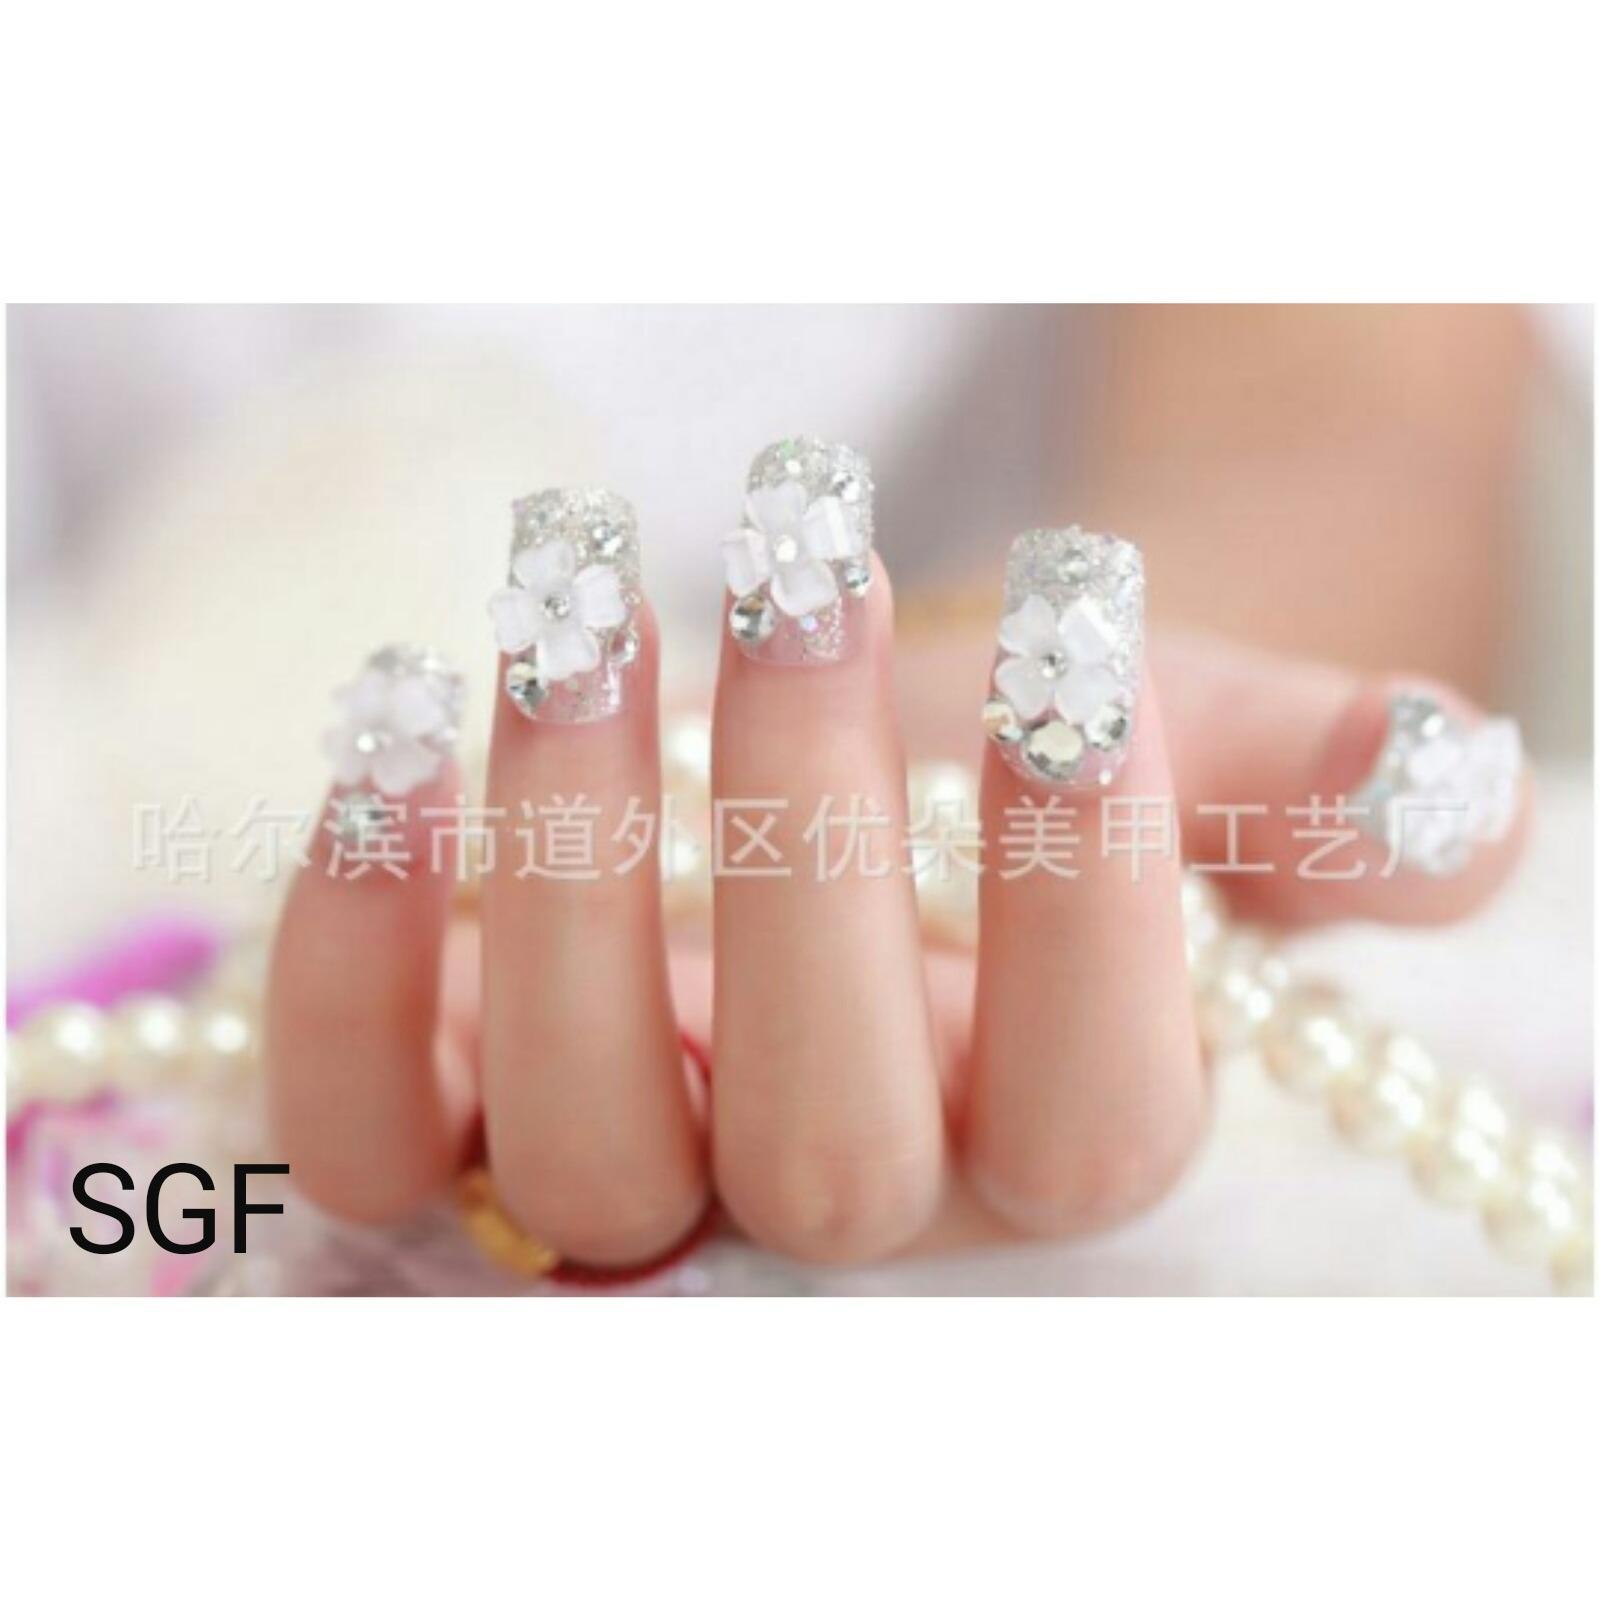 sgf-wedding party fake nails-kuku palsu pernikahan-aksesoris kuku nailart(kirim sesuai warna model )